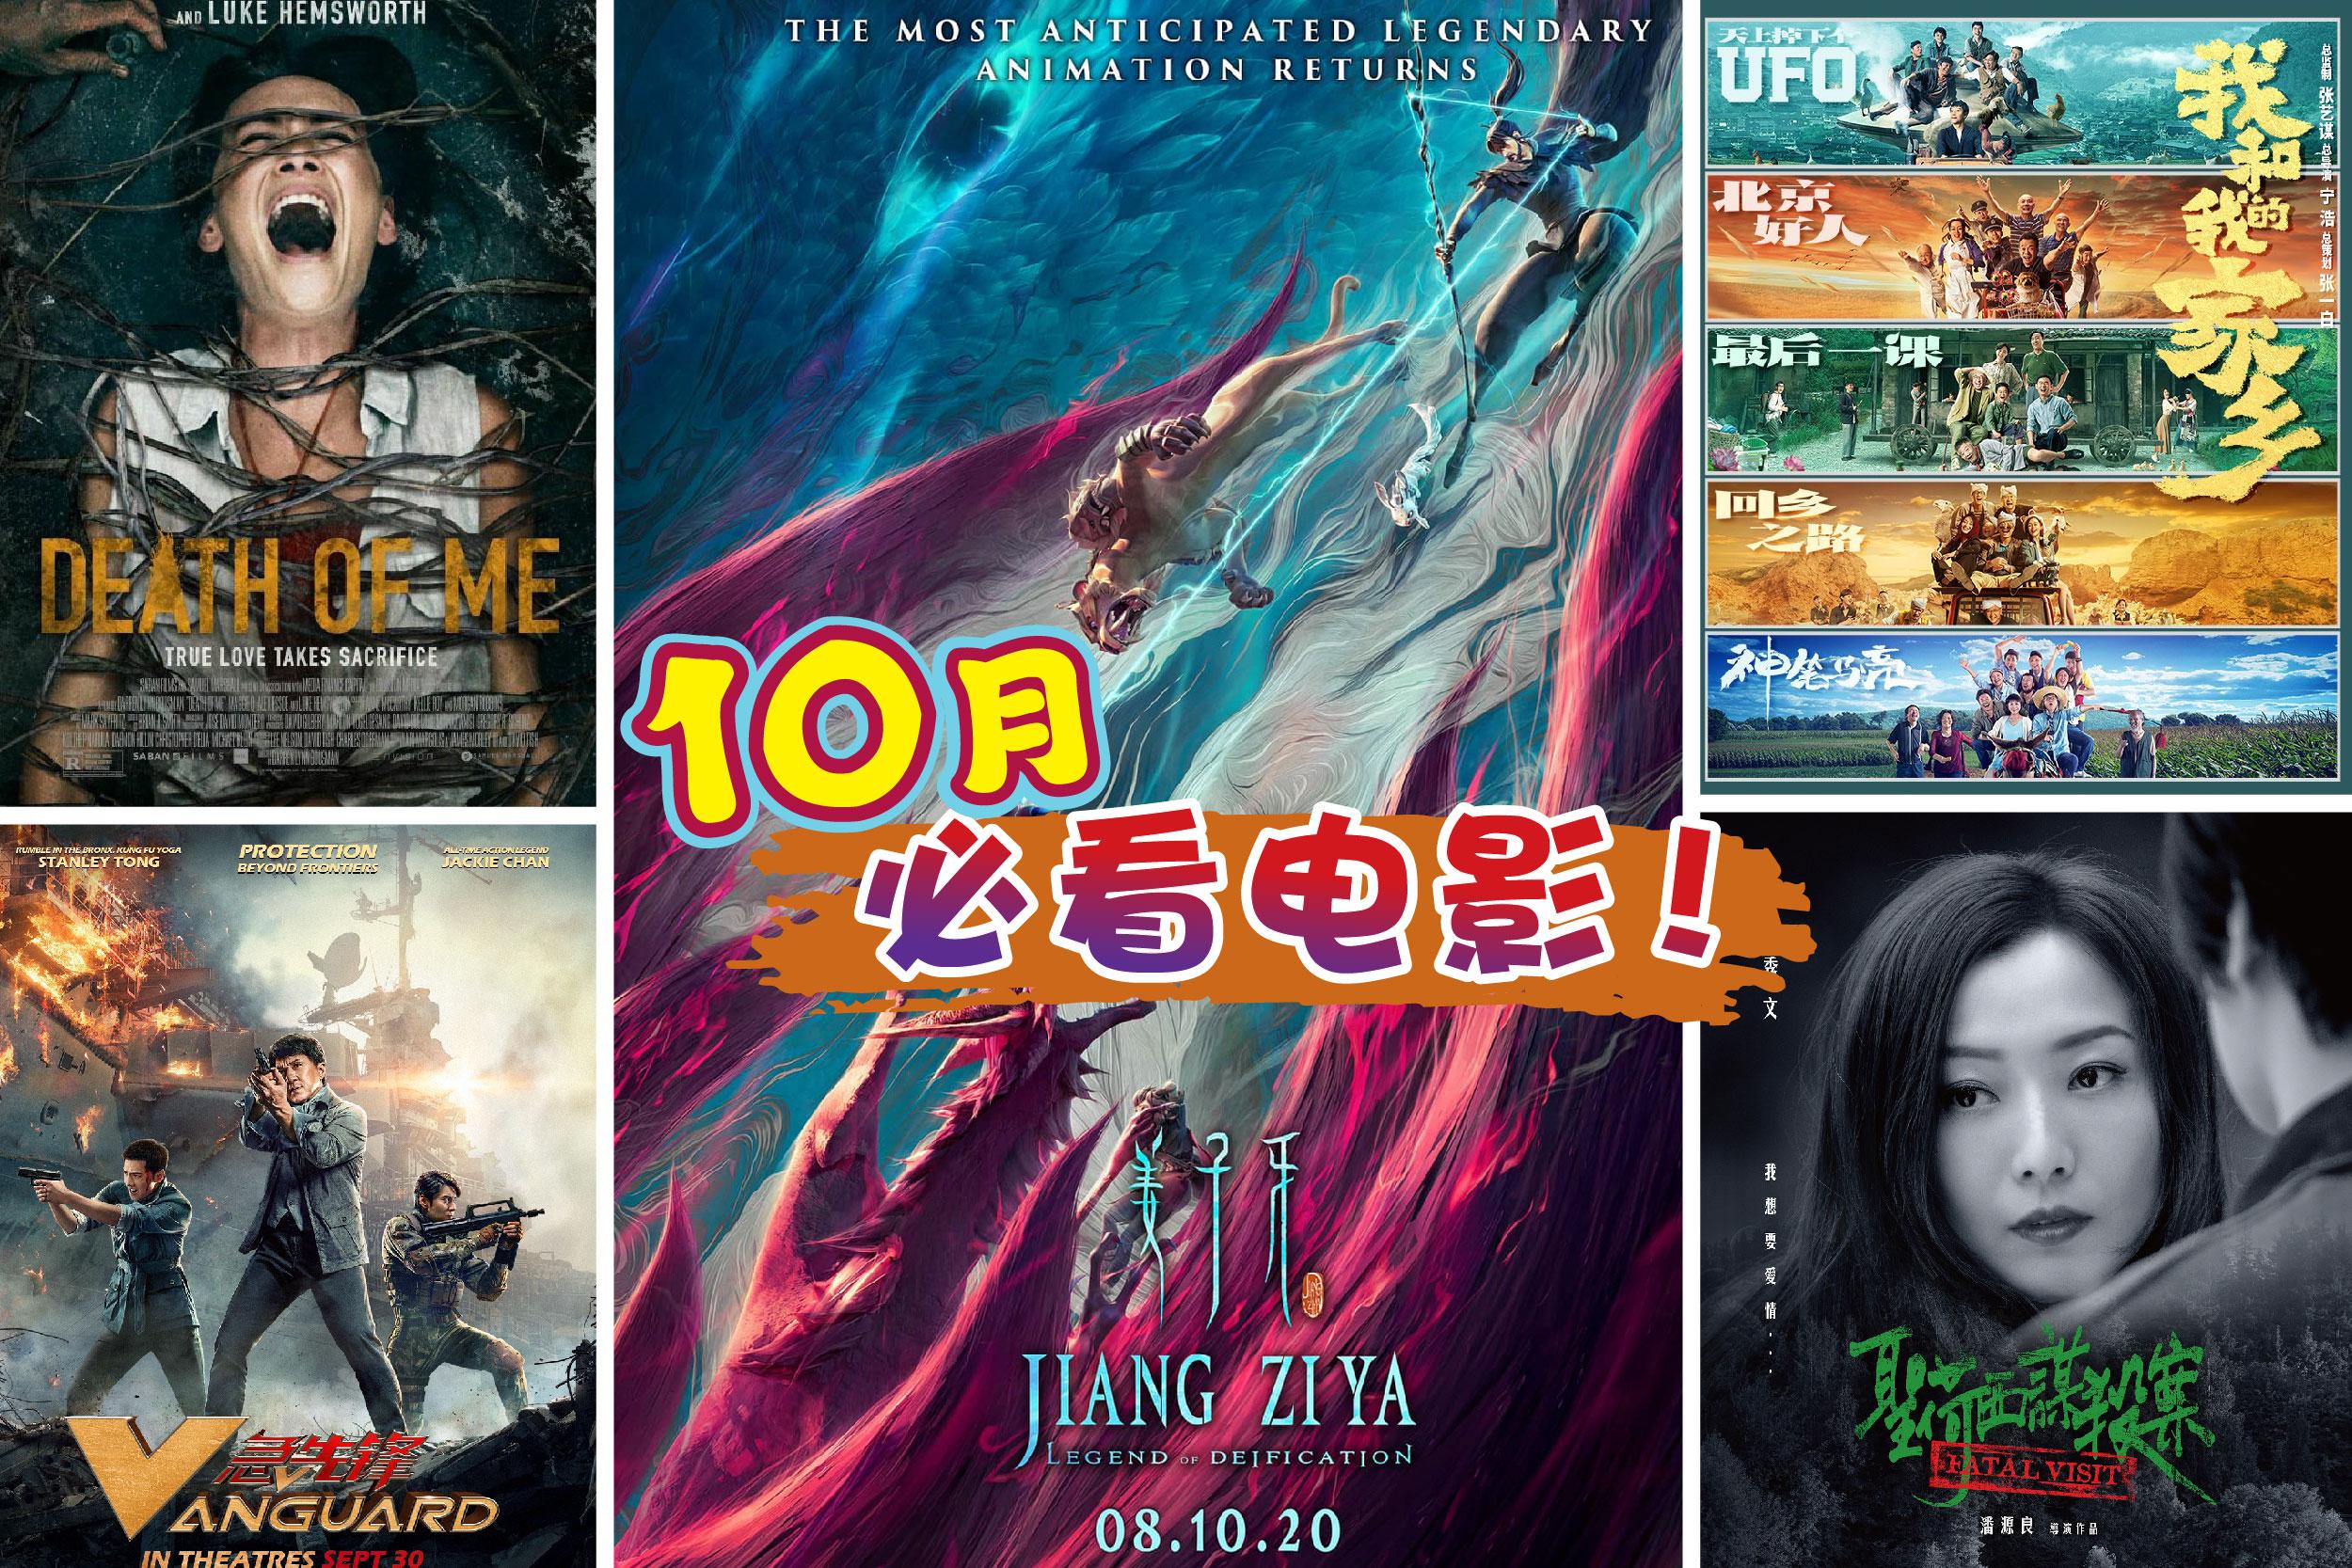 10月份不能错过的十部电影!-精彩大马制图-